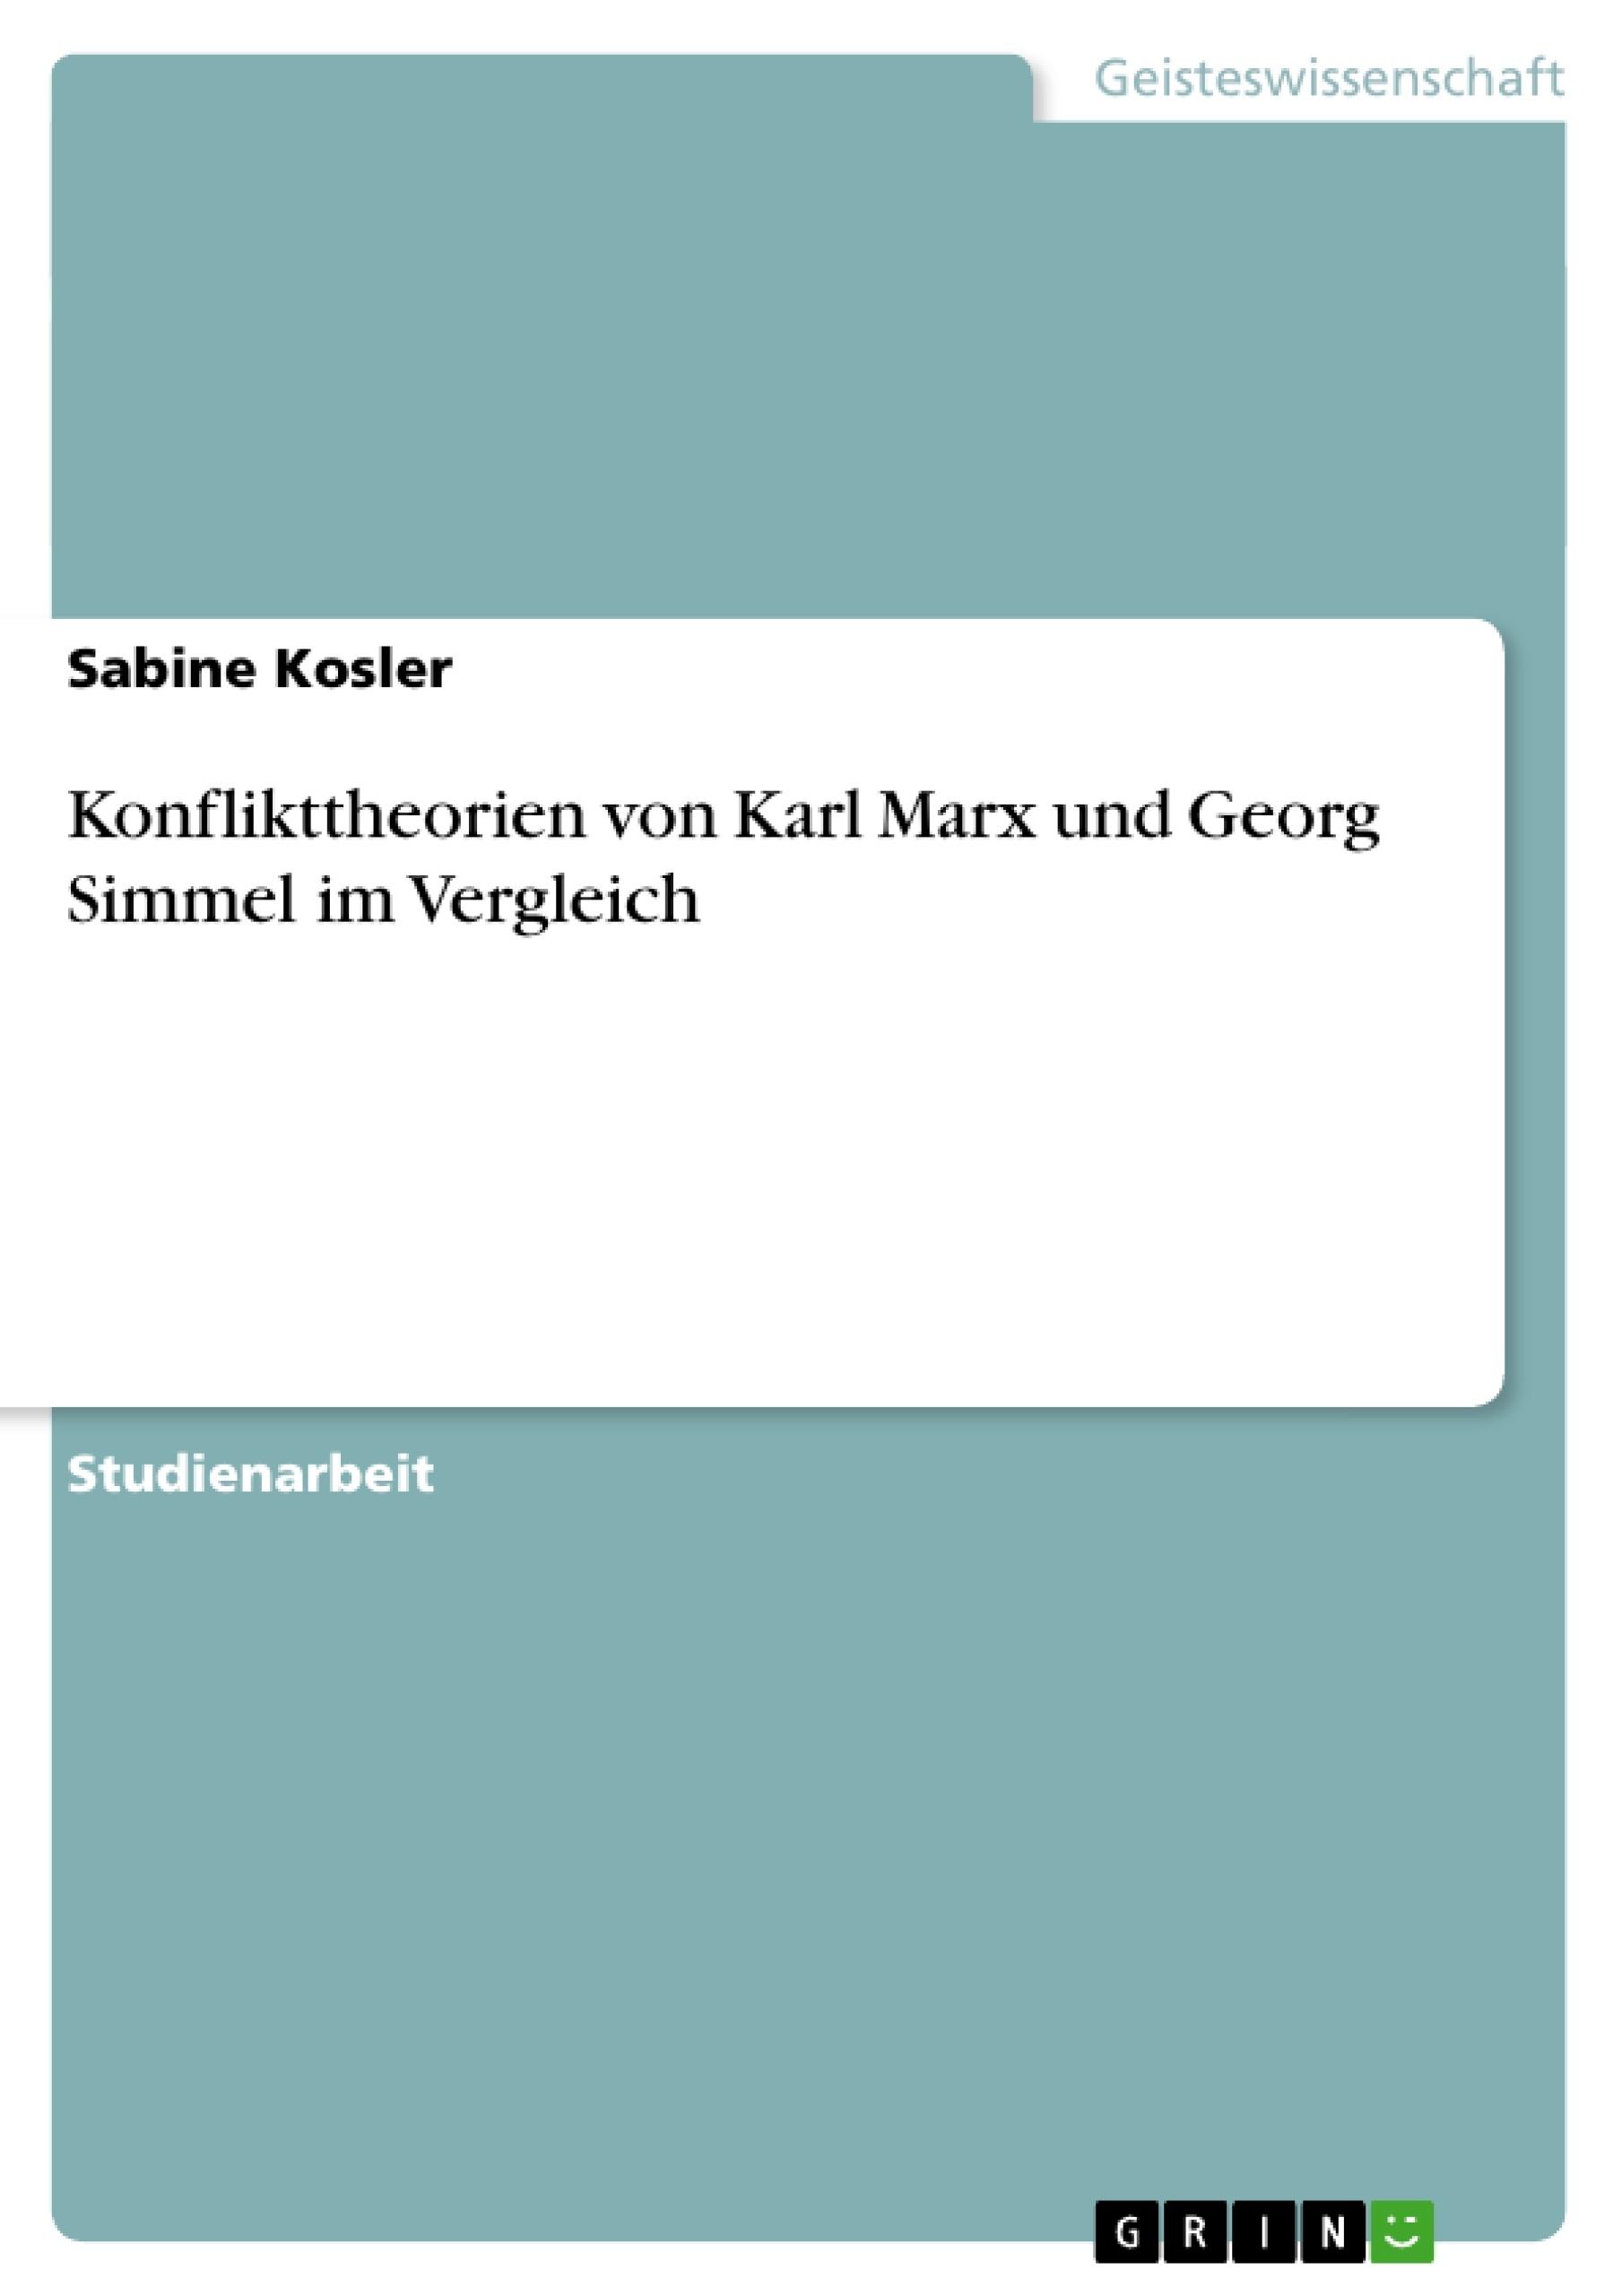 karl marx and georg simmel Georg simmel puede considerarse un caso sui-generis dado  georg simmel, homenaje, interpretaciones, karl mannheim, la teoría sociológica de georg simmel.